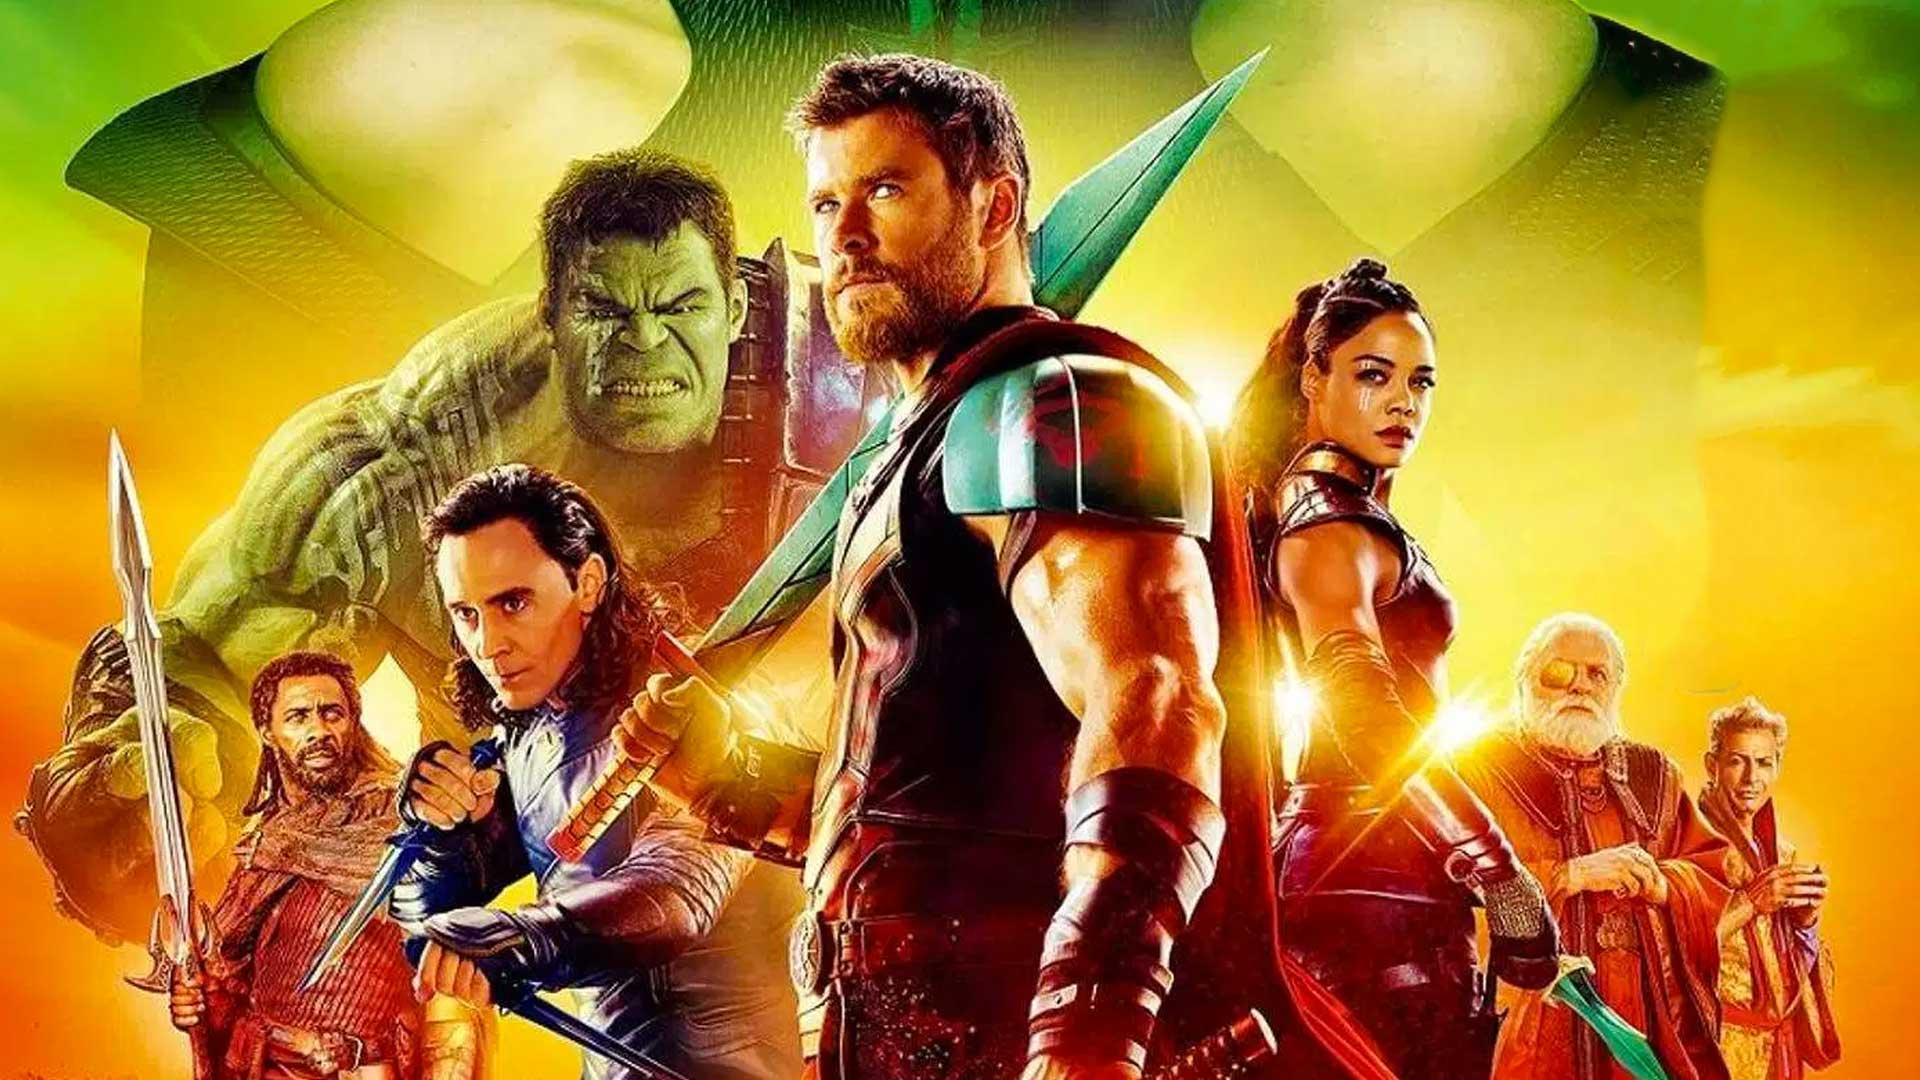 بررسی فیلم «Thor: Ragnarok»: ترکیب دلپذیری از اکشن جذاب و جسارت بیشازاندازه